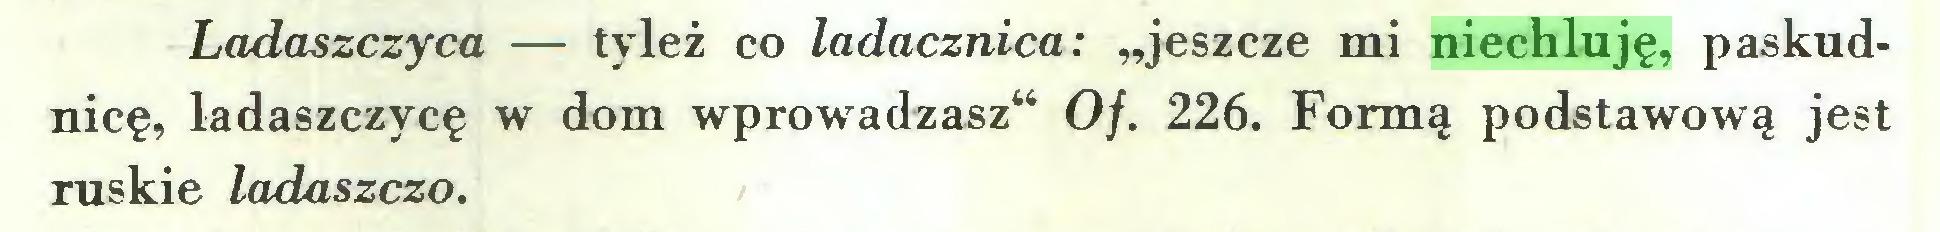 """(...) Ladaszczyca — tyleż co ladacznica: """"jeszcze mi niechluję, paskudnicę, ladaszczycę w dom wprowadzasz"""" Of. 226. Formą podstawową jest ruskie ladaszczo..."""